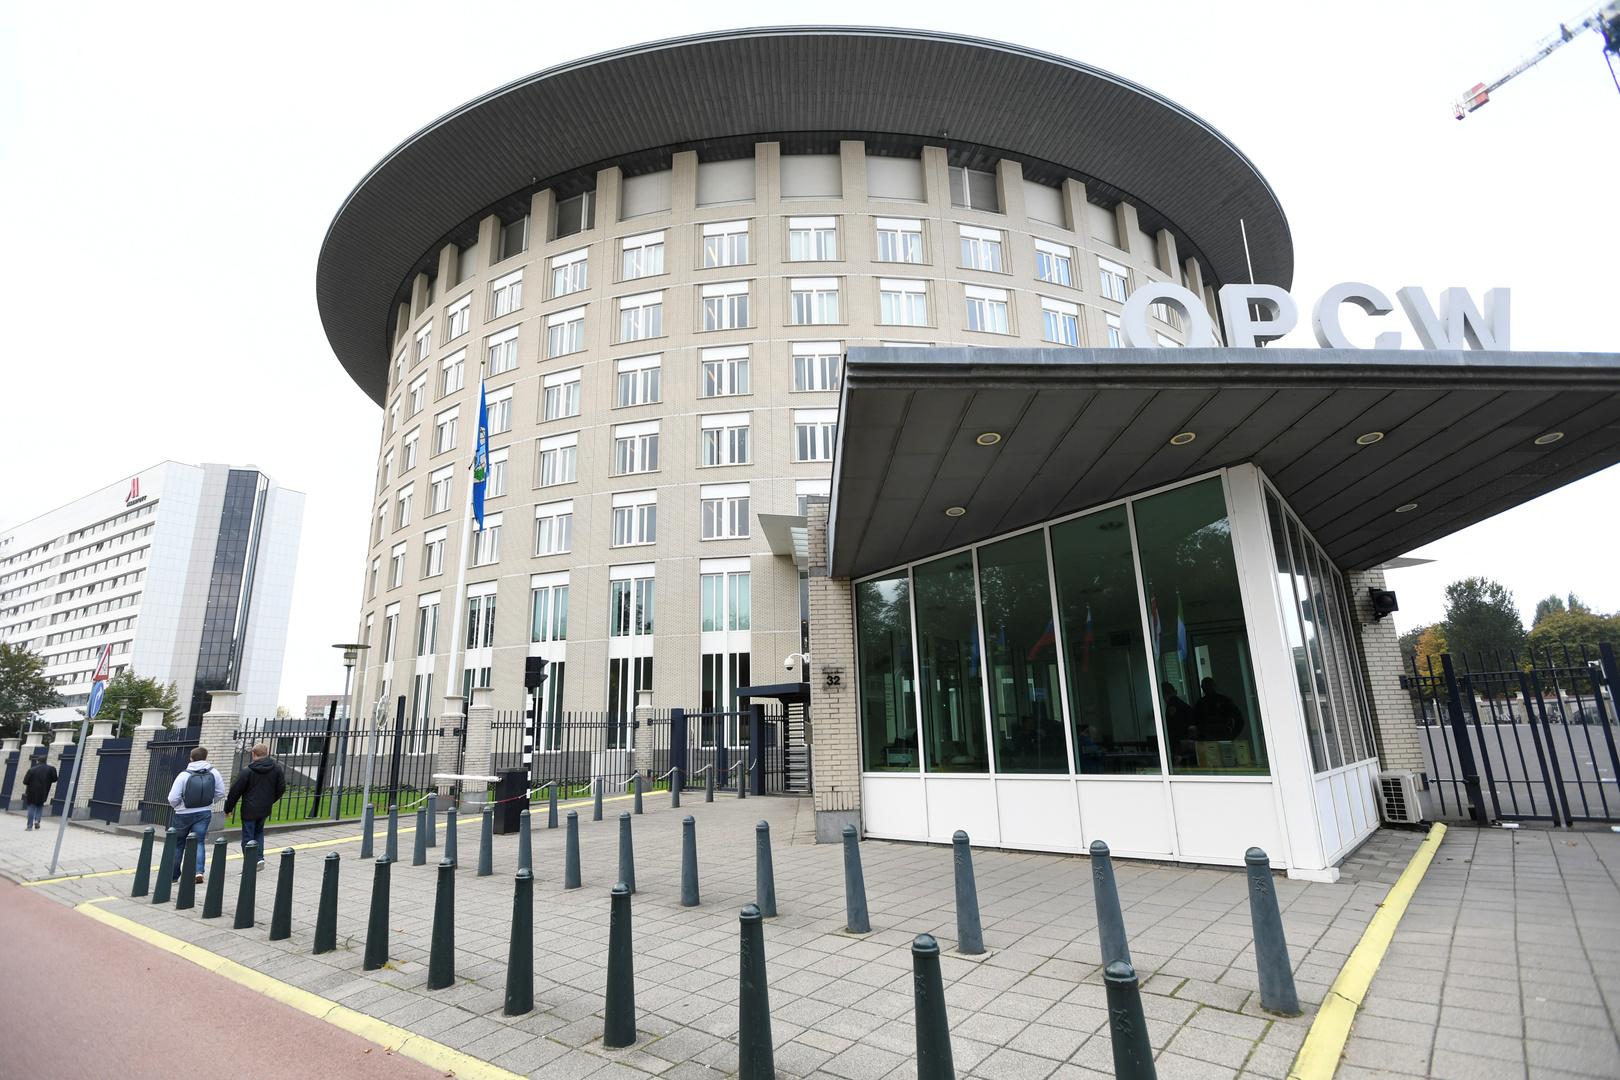 مبنى منظمة حظر الأسلحة الكيميائية في لاهاي